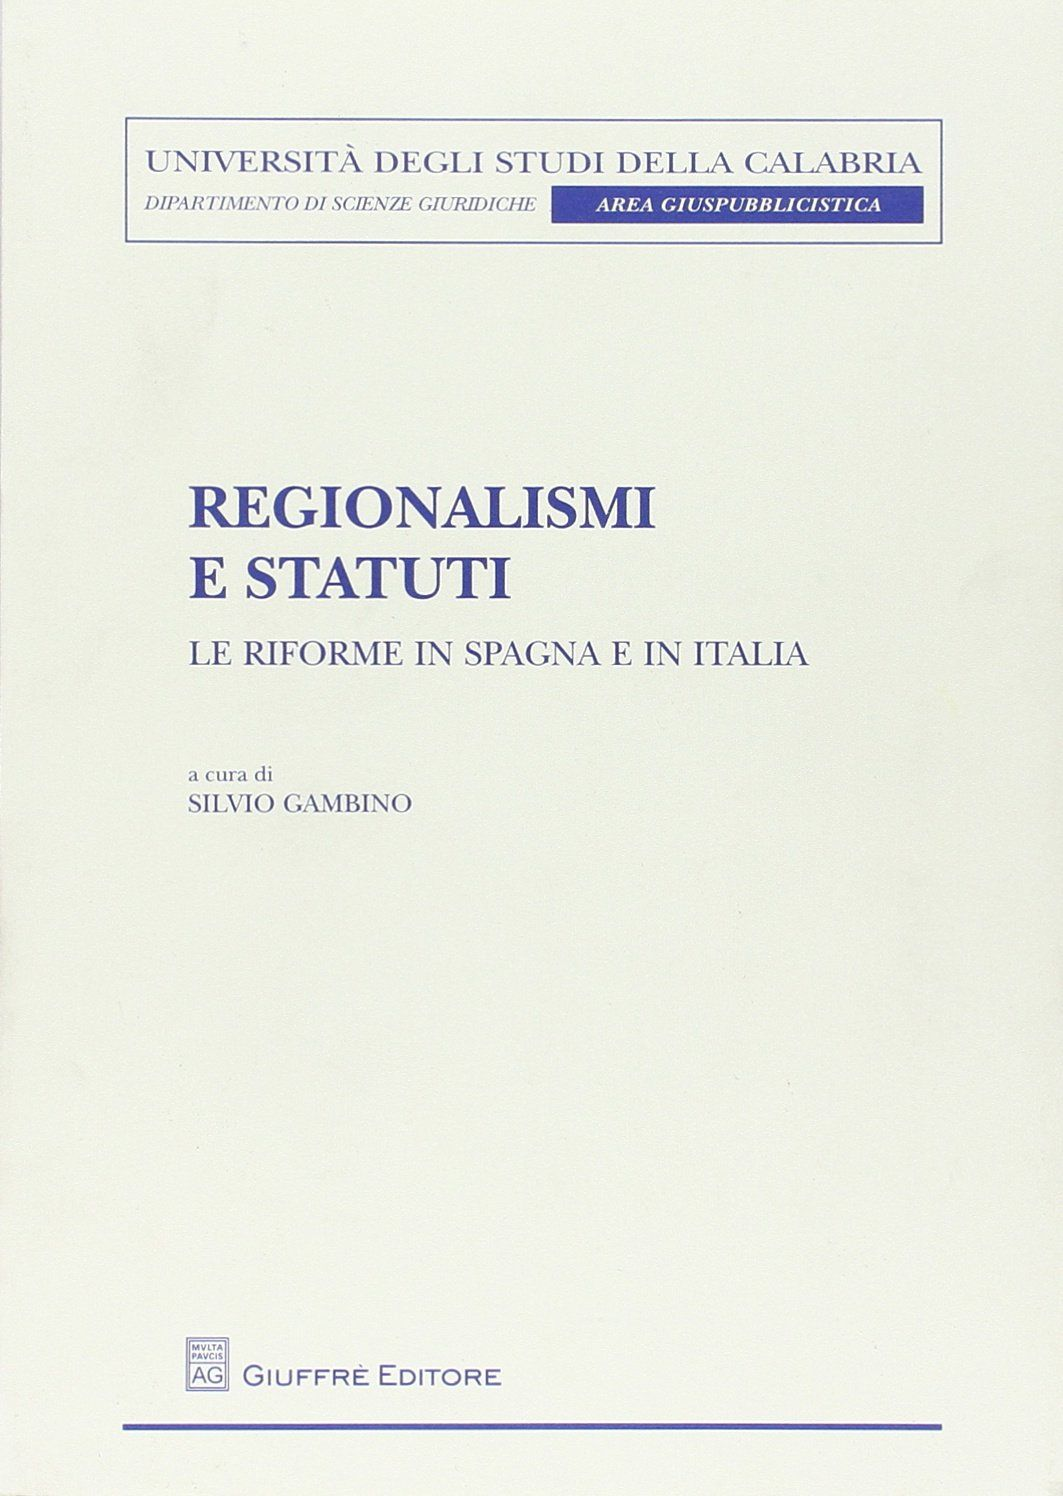 Regionalismi